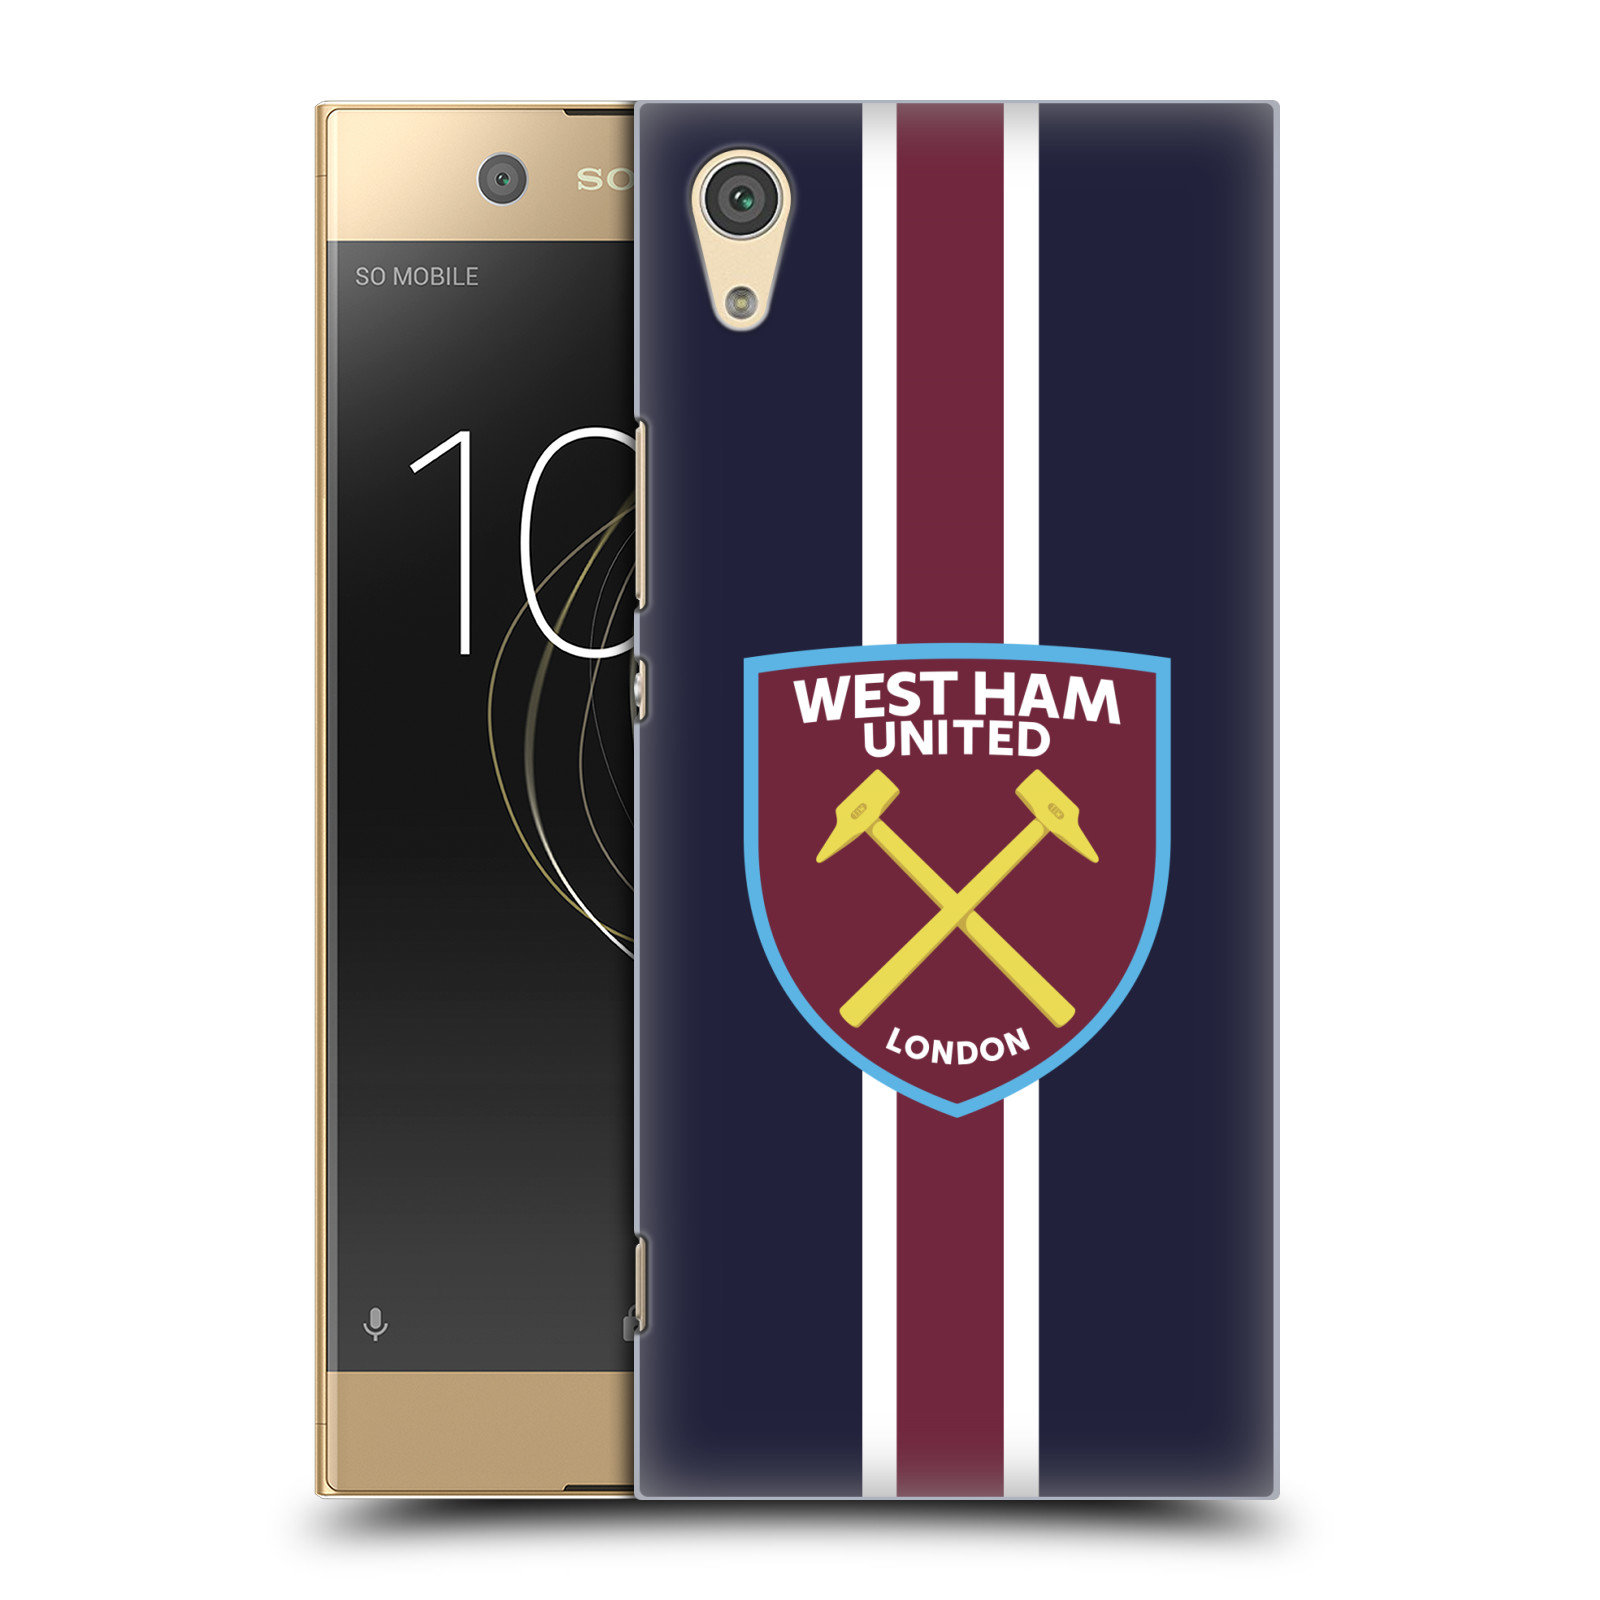 Plastové pouzdro na mobil Sony Xperia XA1 - Head Case - West Ham United - Pruhy